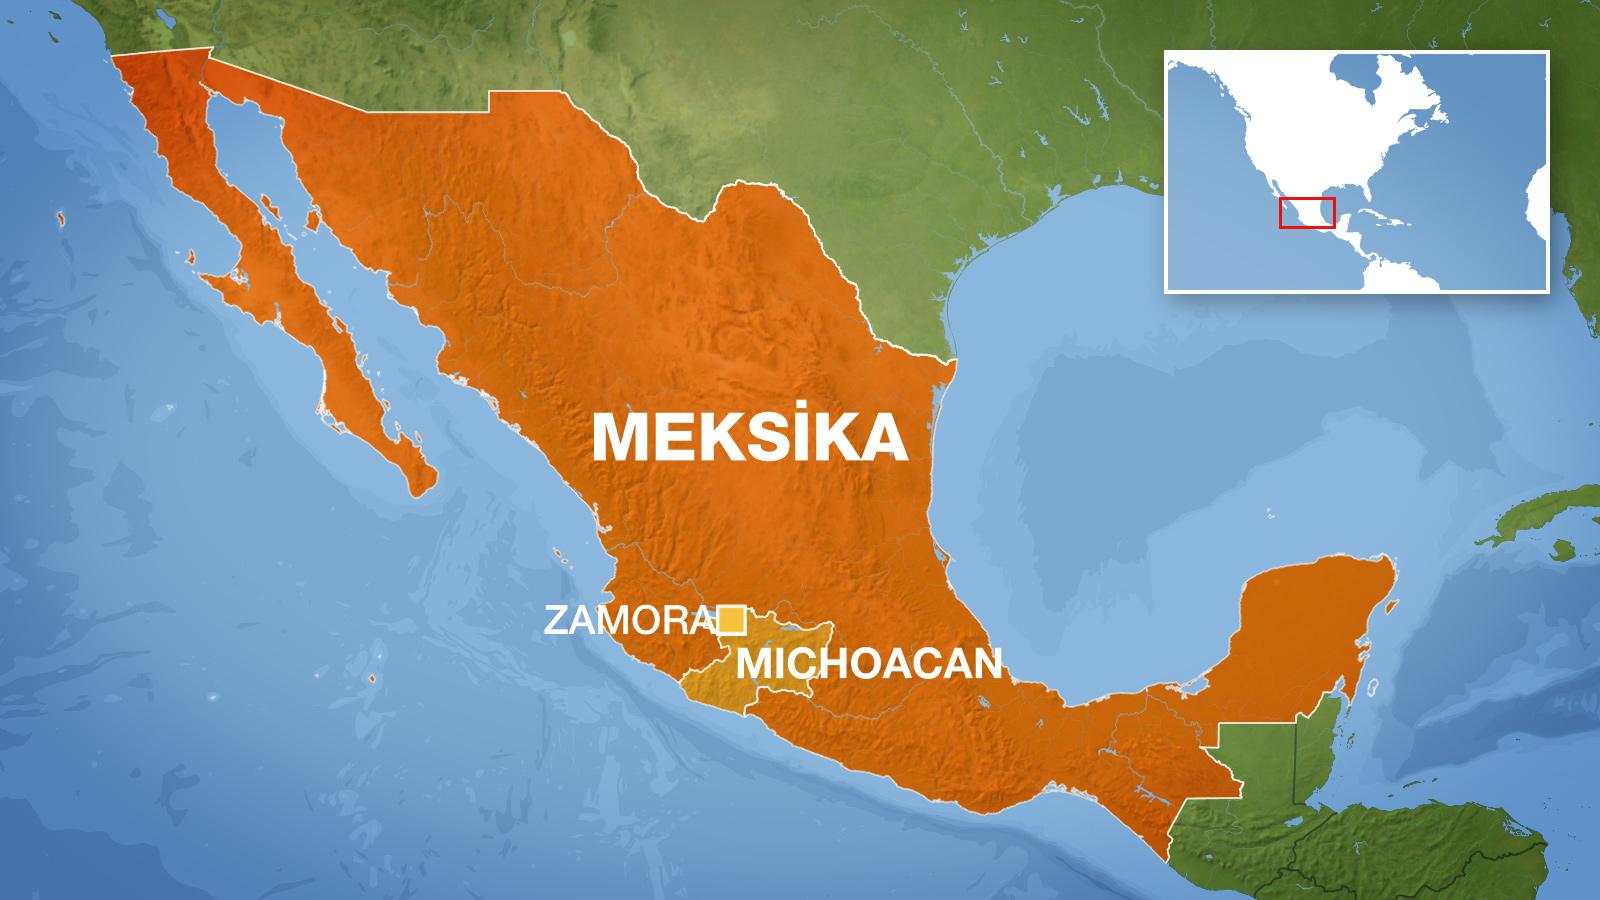 Meksika_Map_4bf33